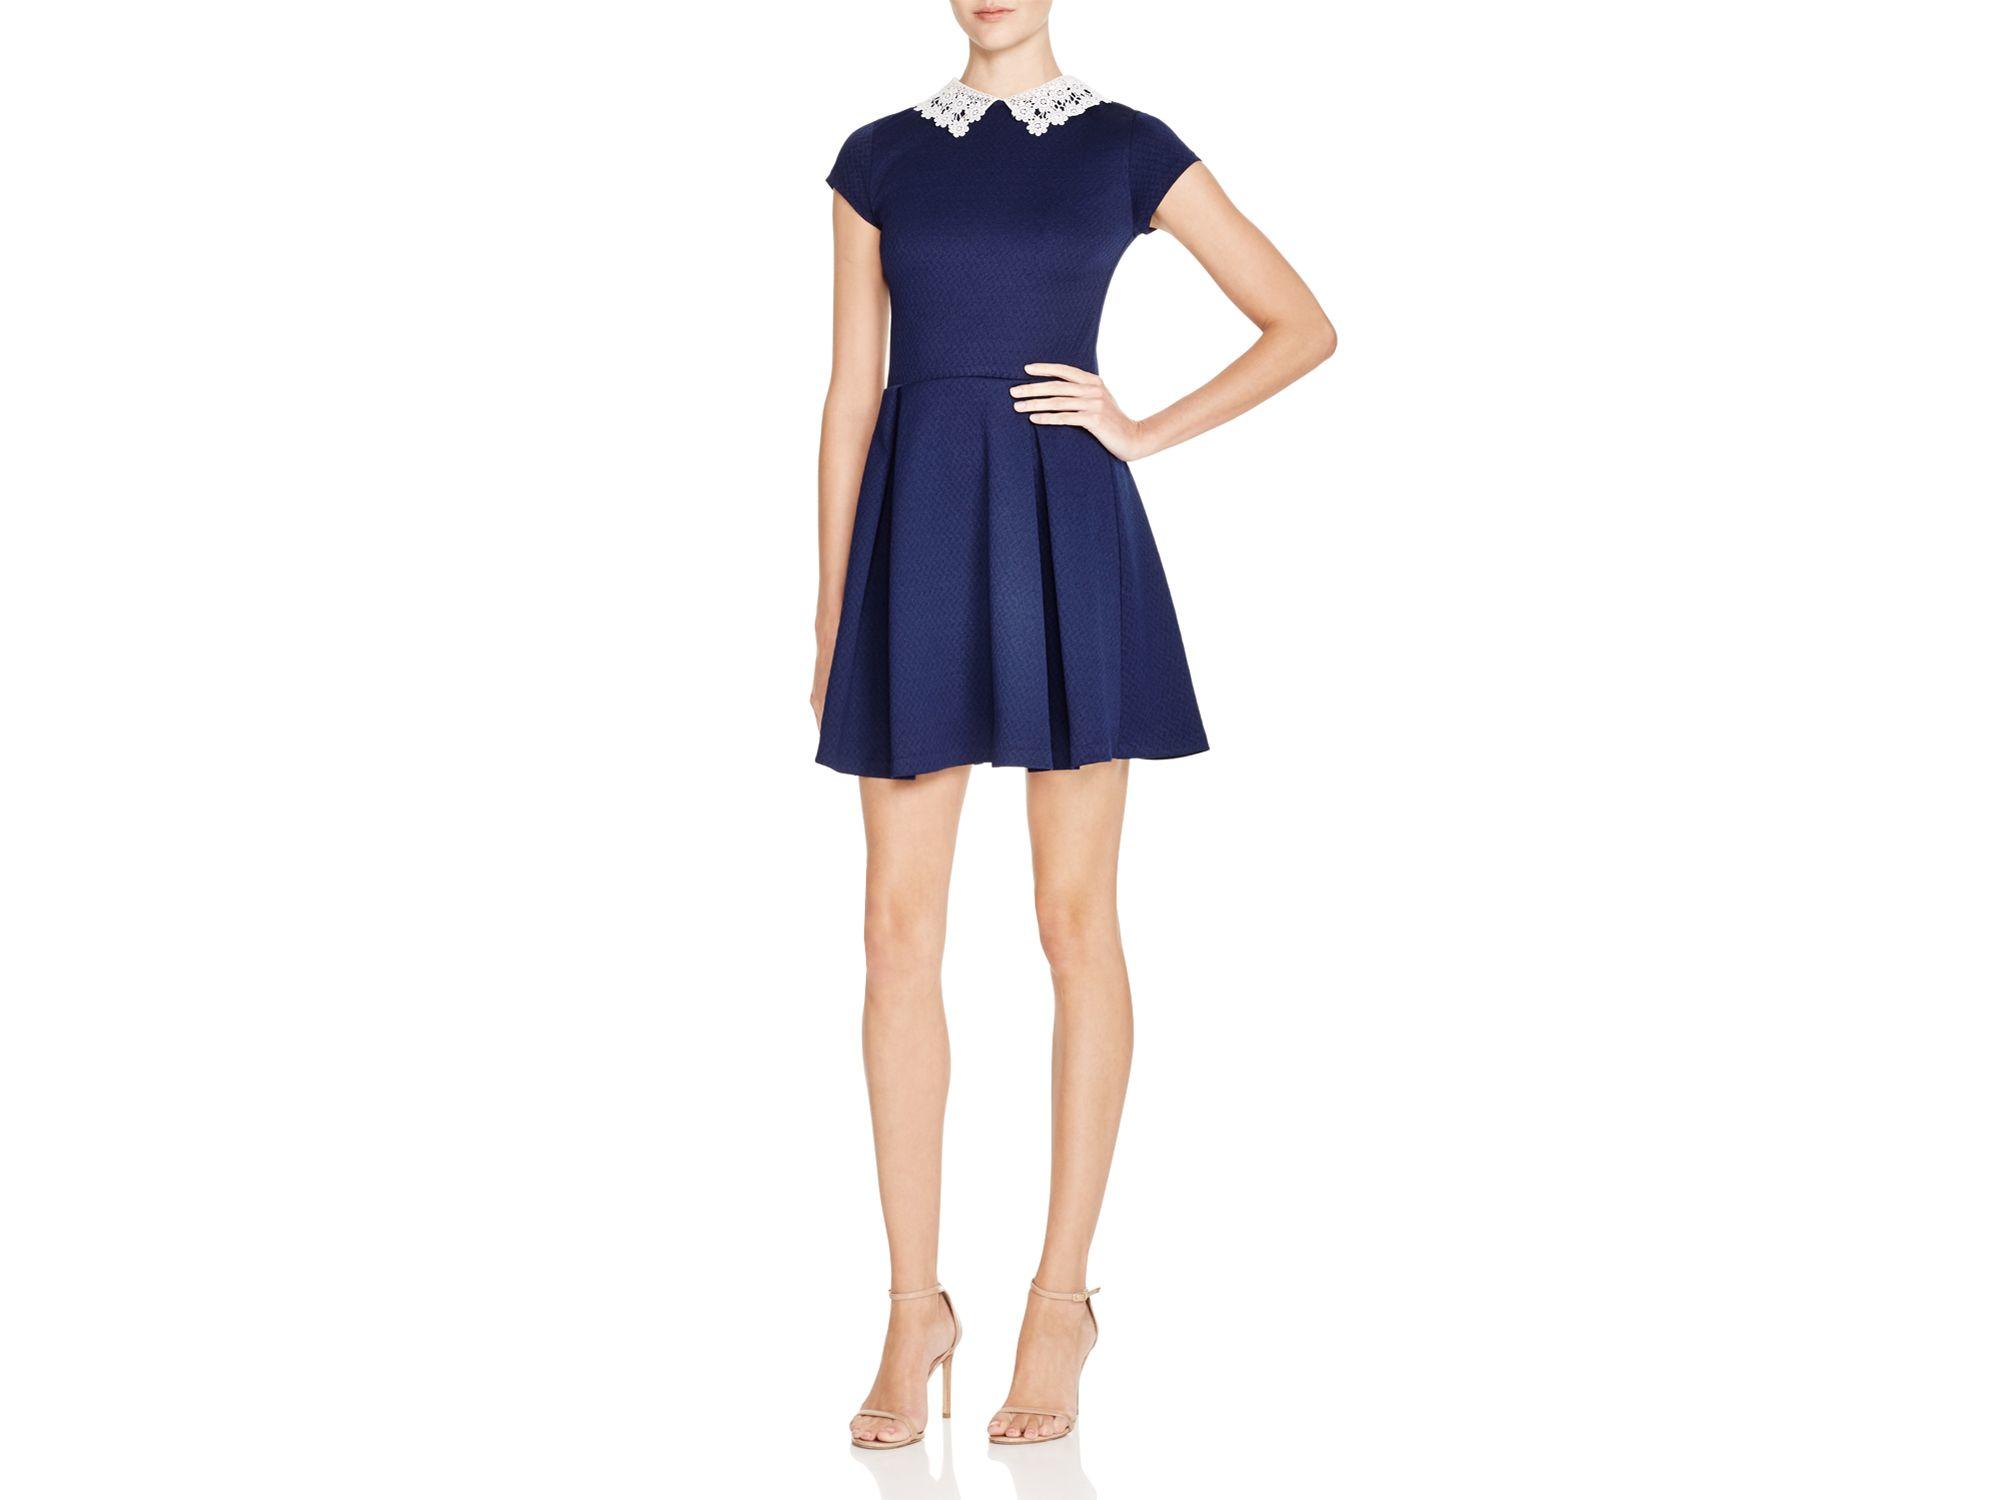 2019 year looks- Blue aqua lace dress